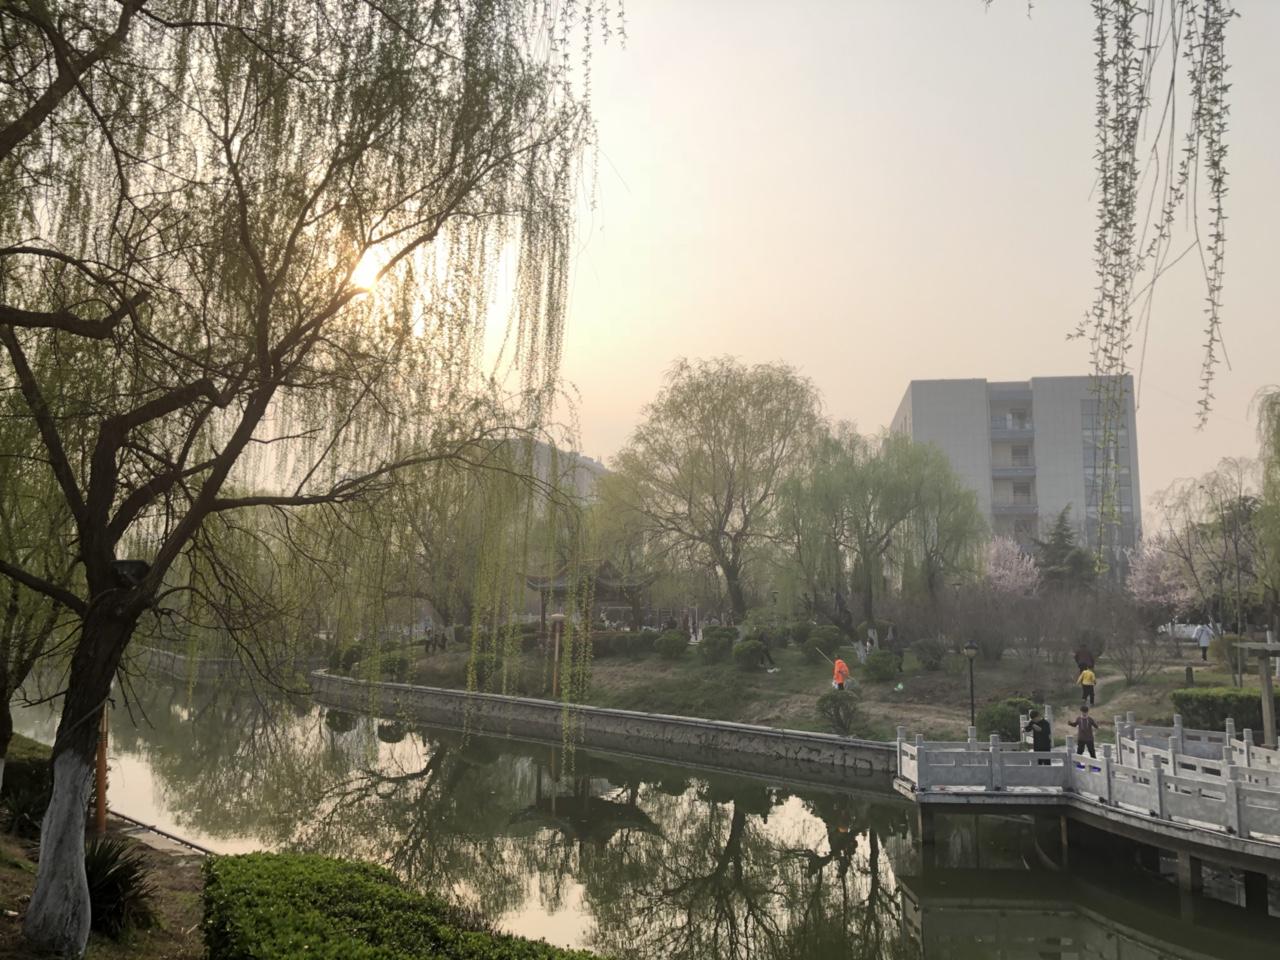 涡阳县紫光公园那一幕